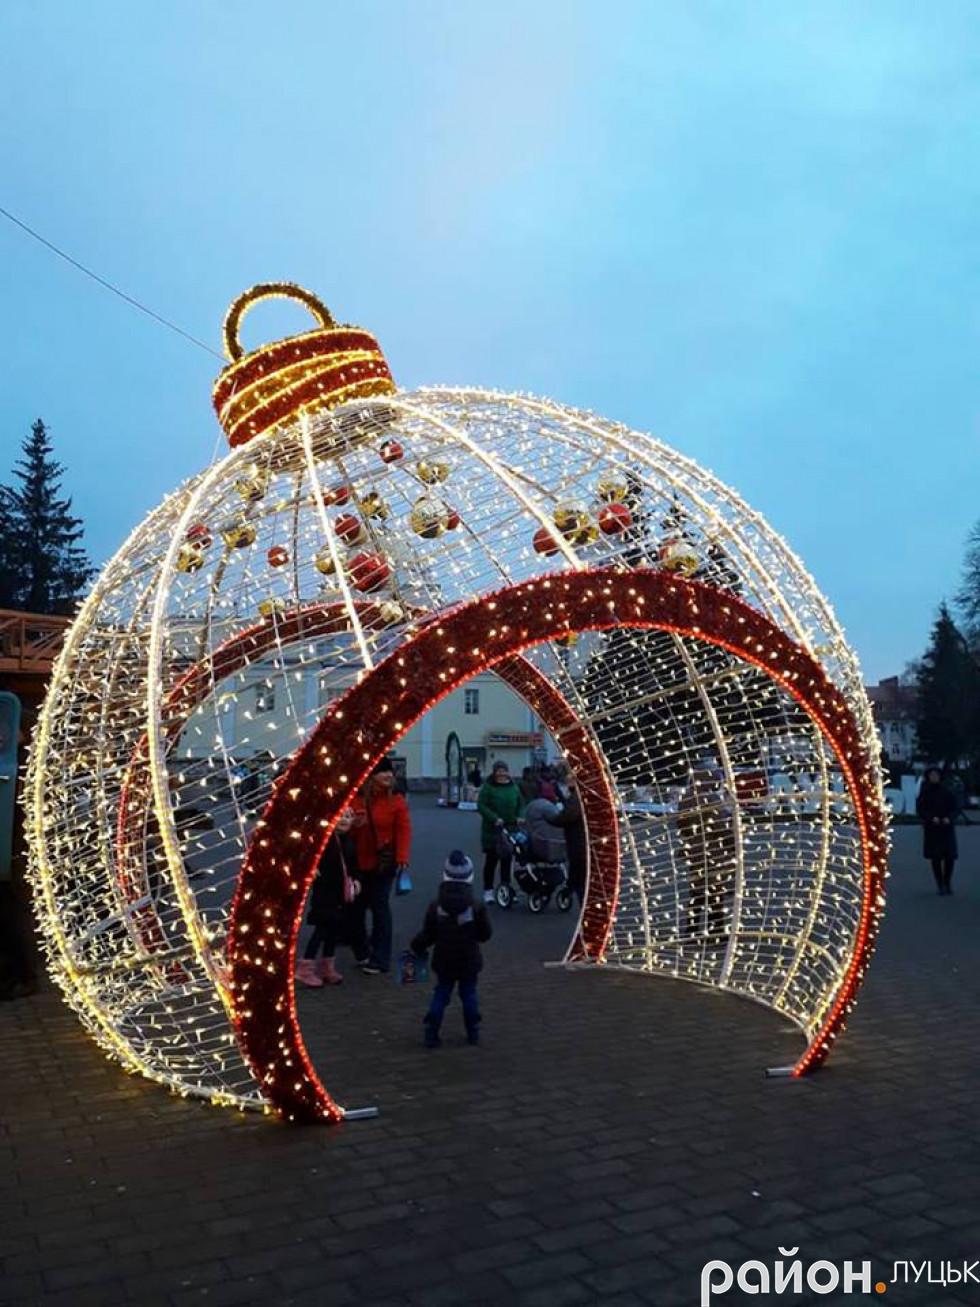 А так тішитиме лучан на новорічно-різдвяні свята